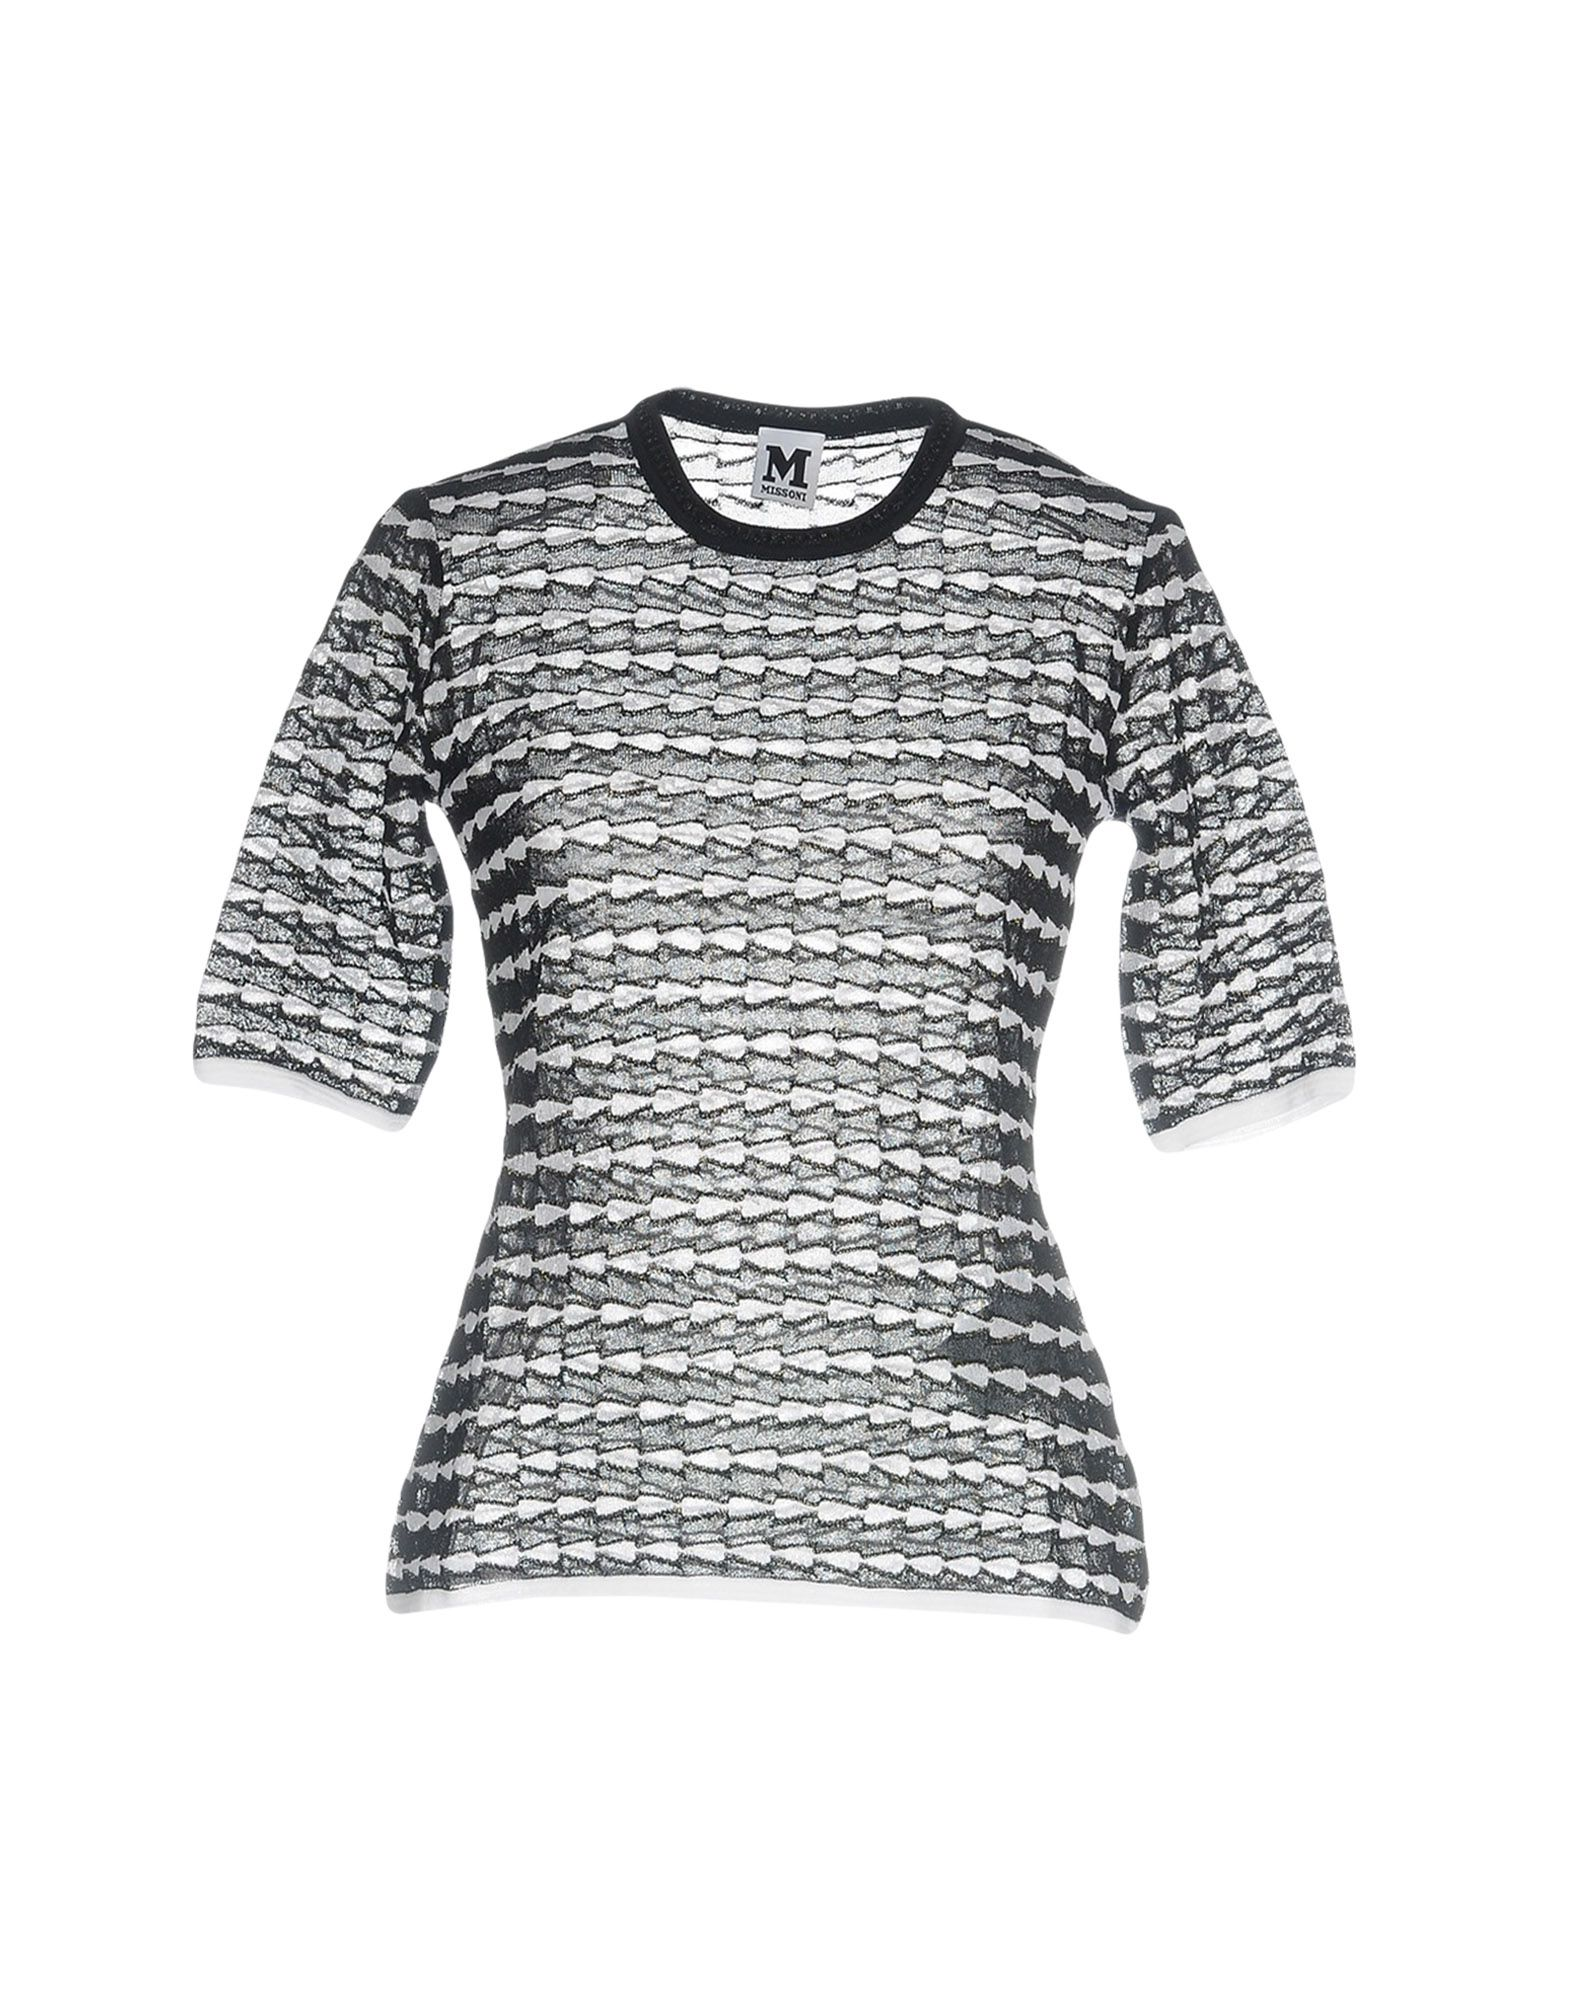 Pullover M Missoni Donna - Acquista online su SfmW7y